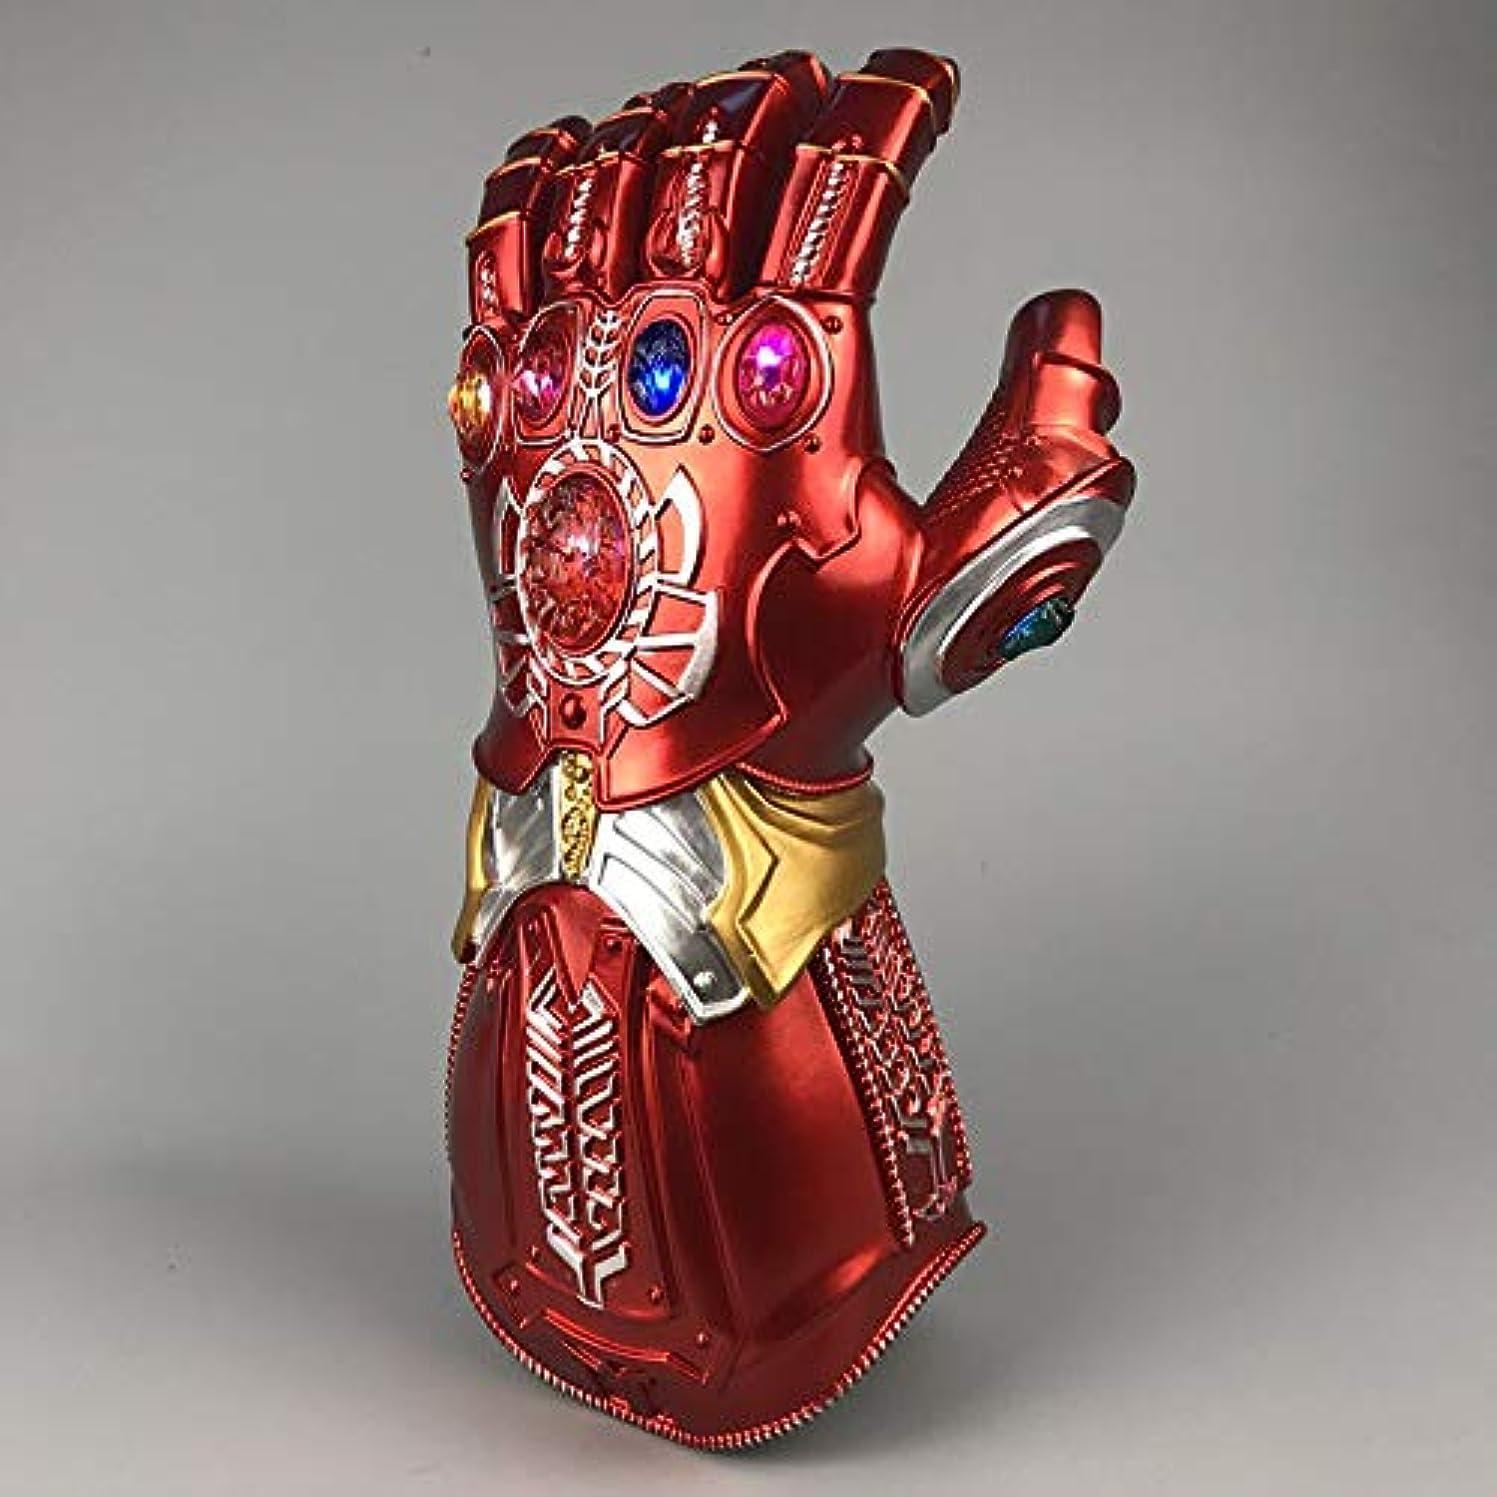 罪人情報忠実にCTA アイアンマン Thanos さん無限大ガントレットアベンジャーズ無限大戦争手袋 led ライトスーパーヒーロー Thanos さんアクションフィギュア PVC 新コレクションおもちゃ